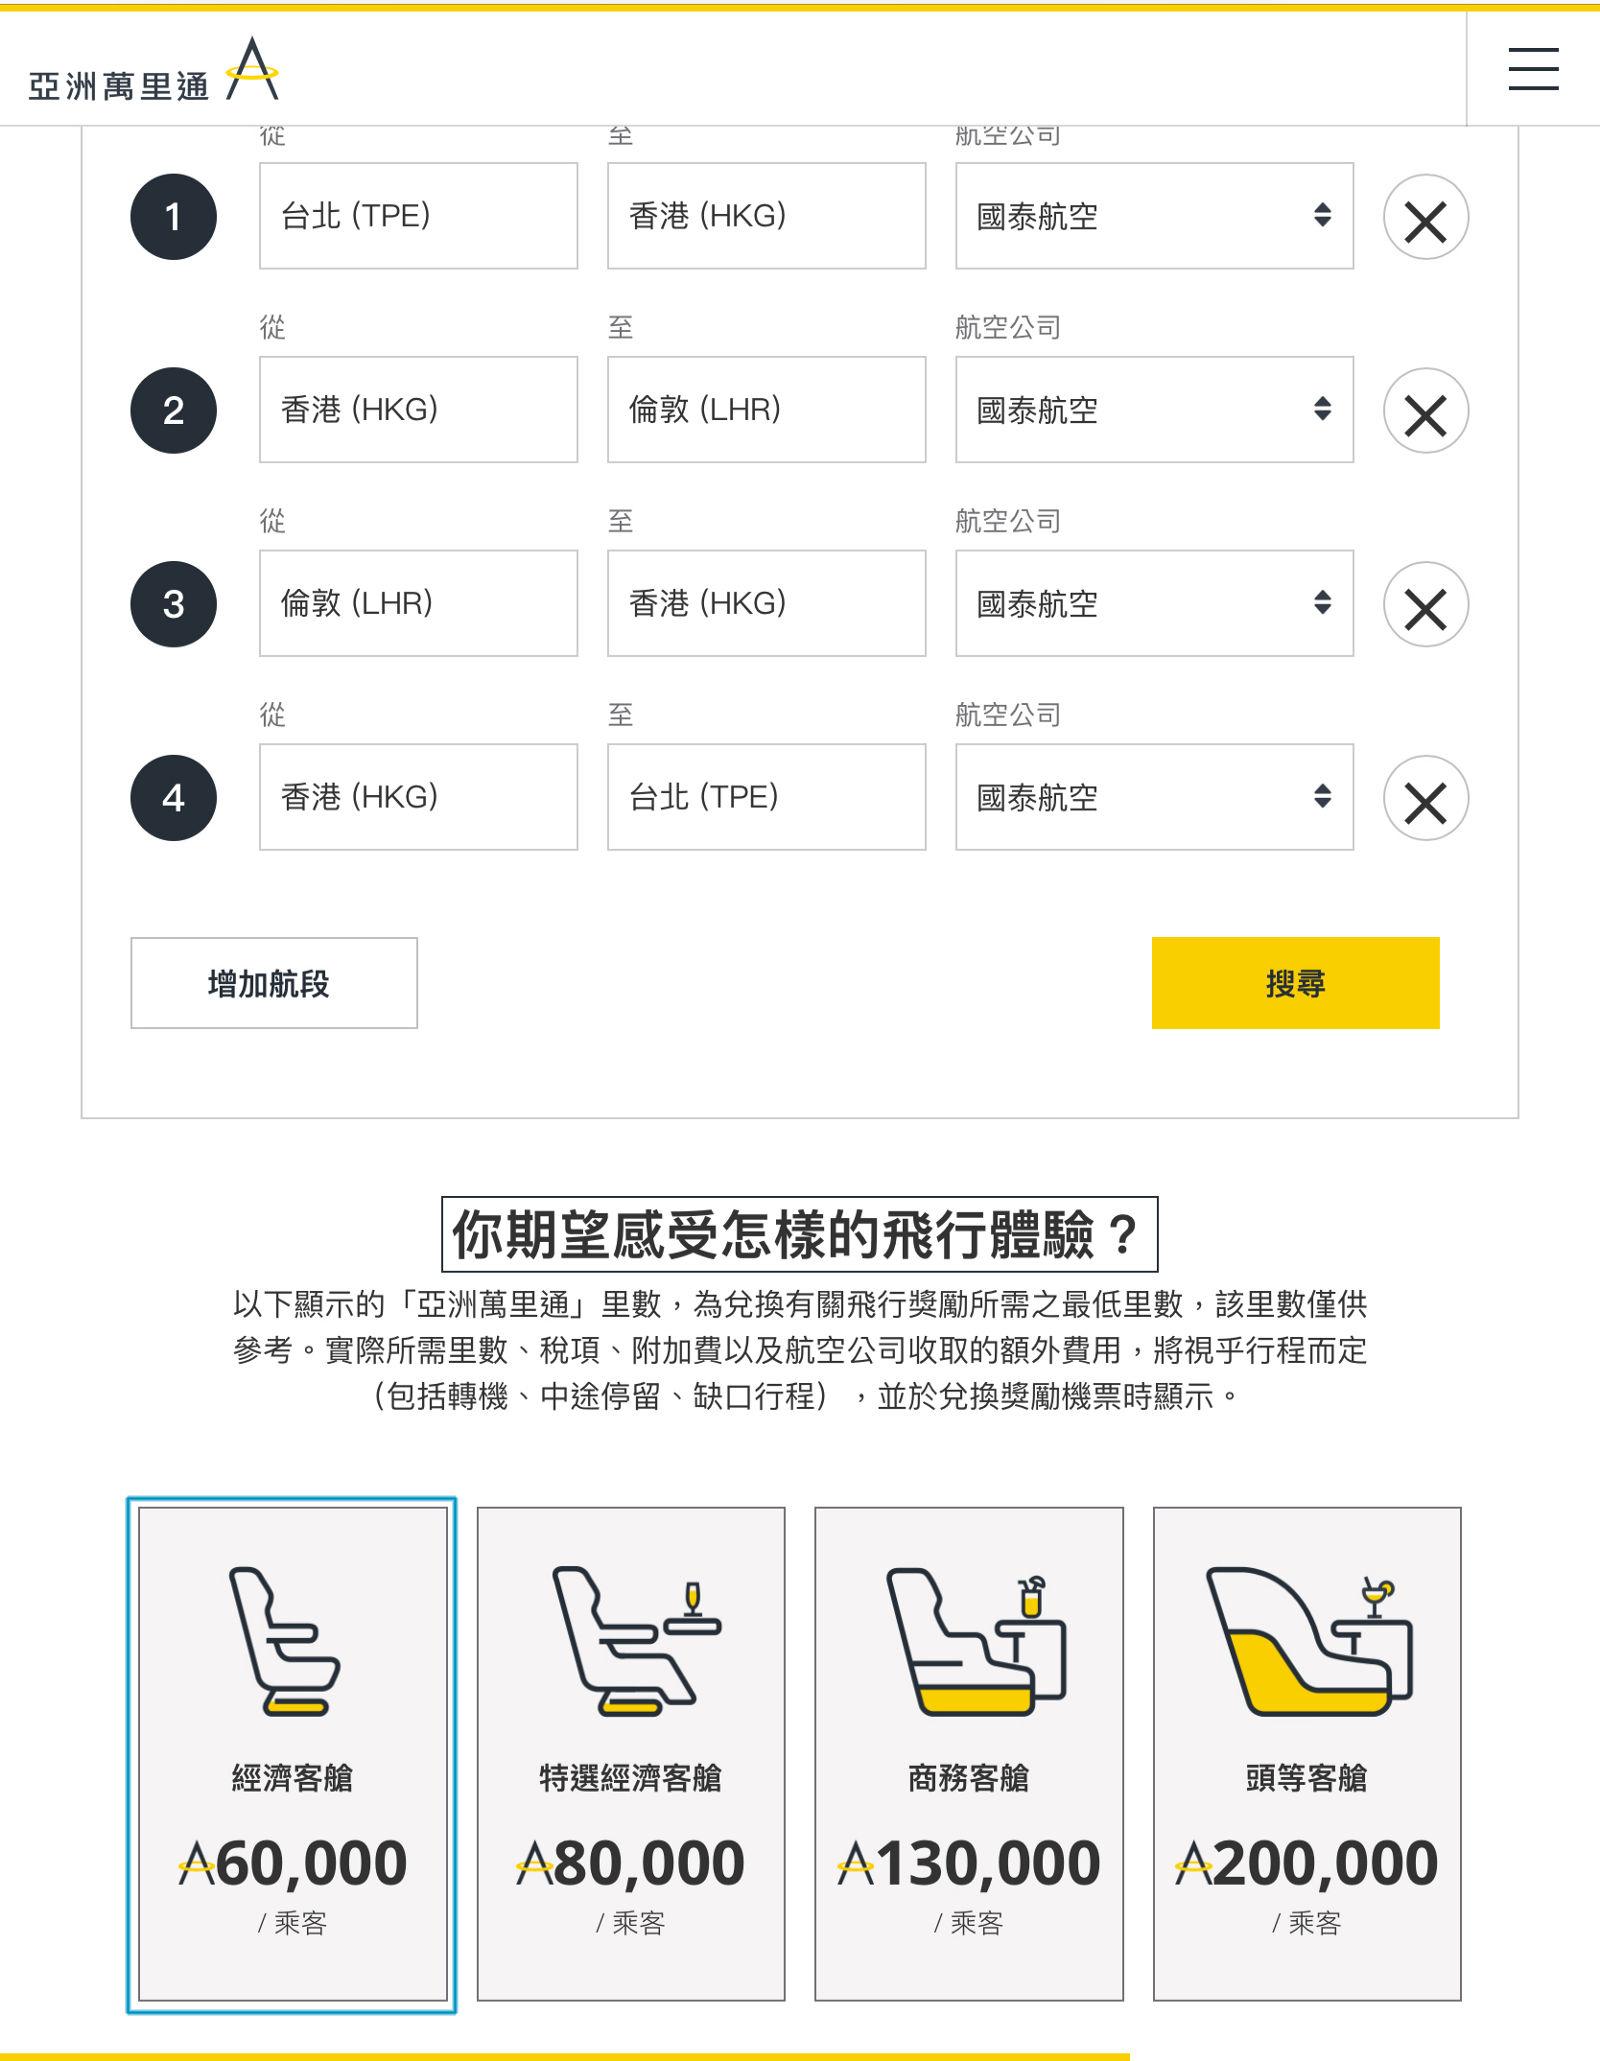 飛行獎勵平台:國泰航空(台北-香港-倫敦-香港-台北)航程所需里數試算